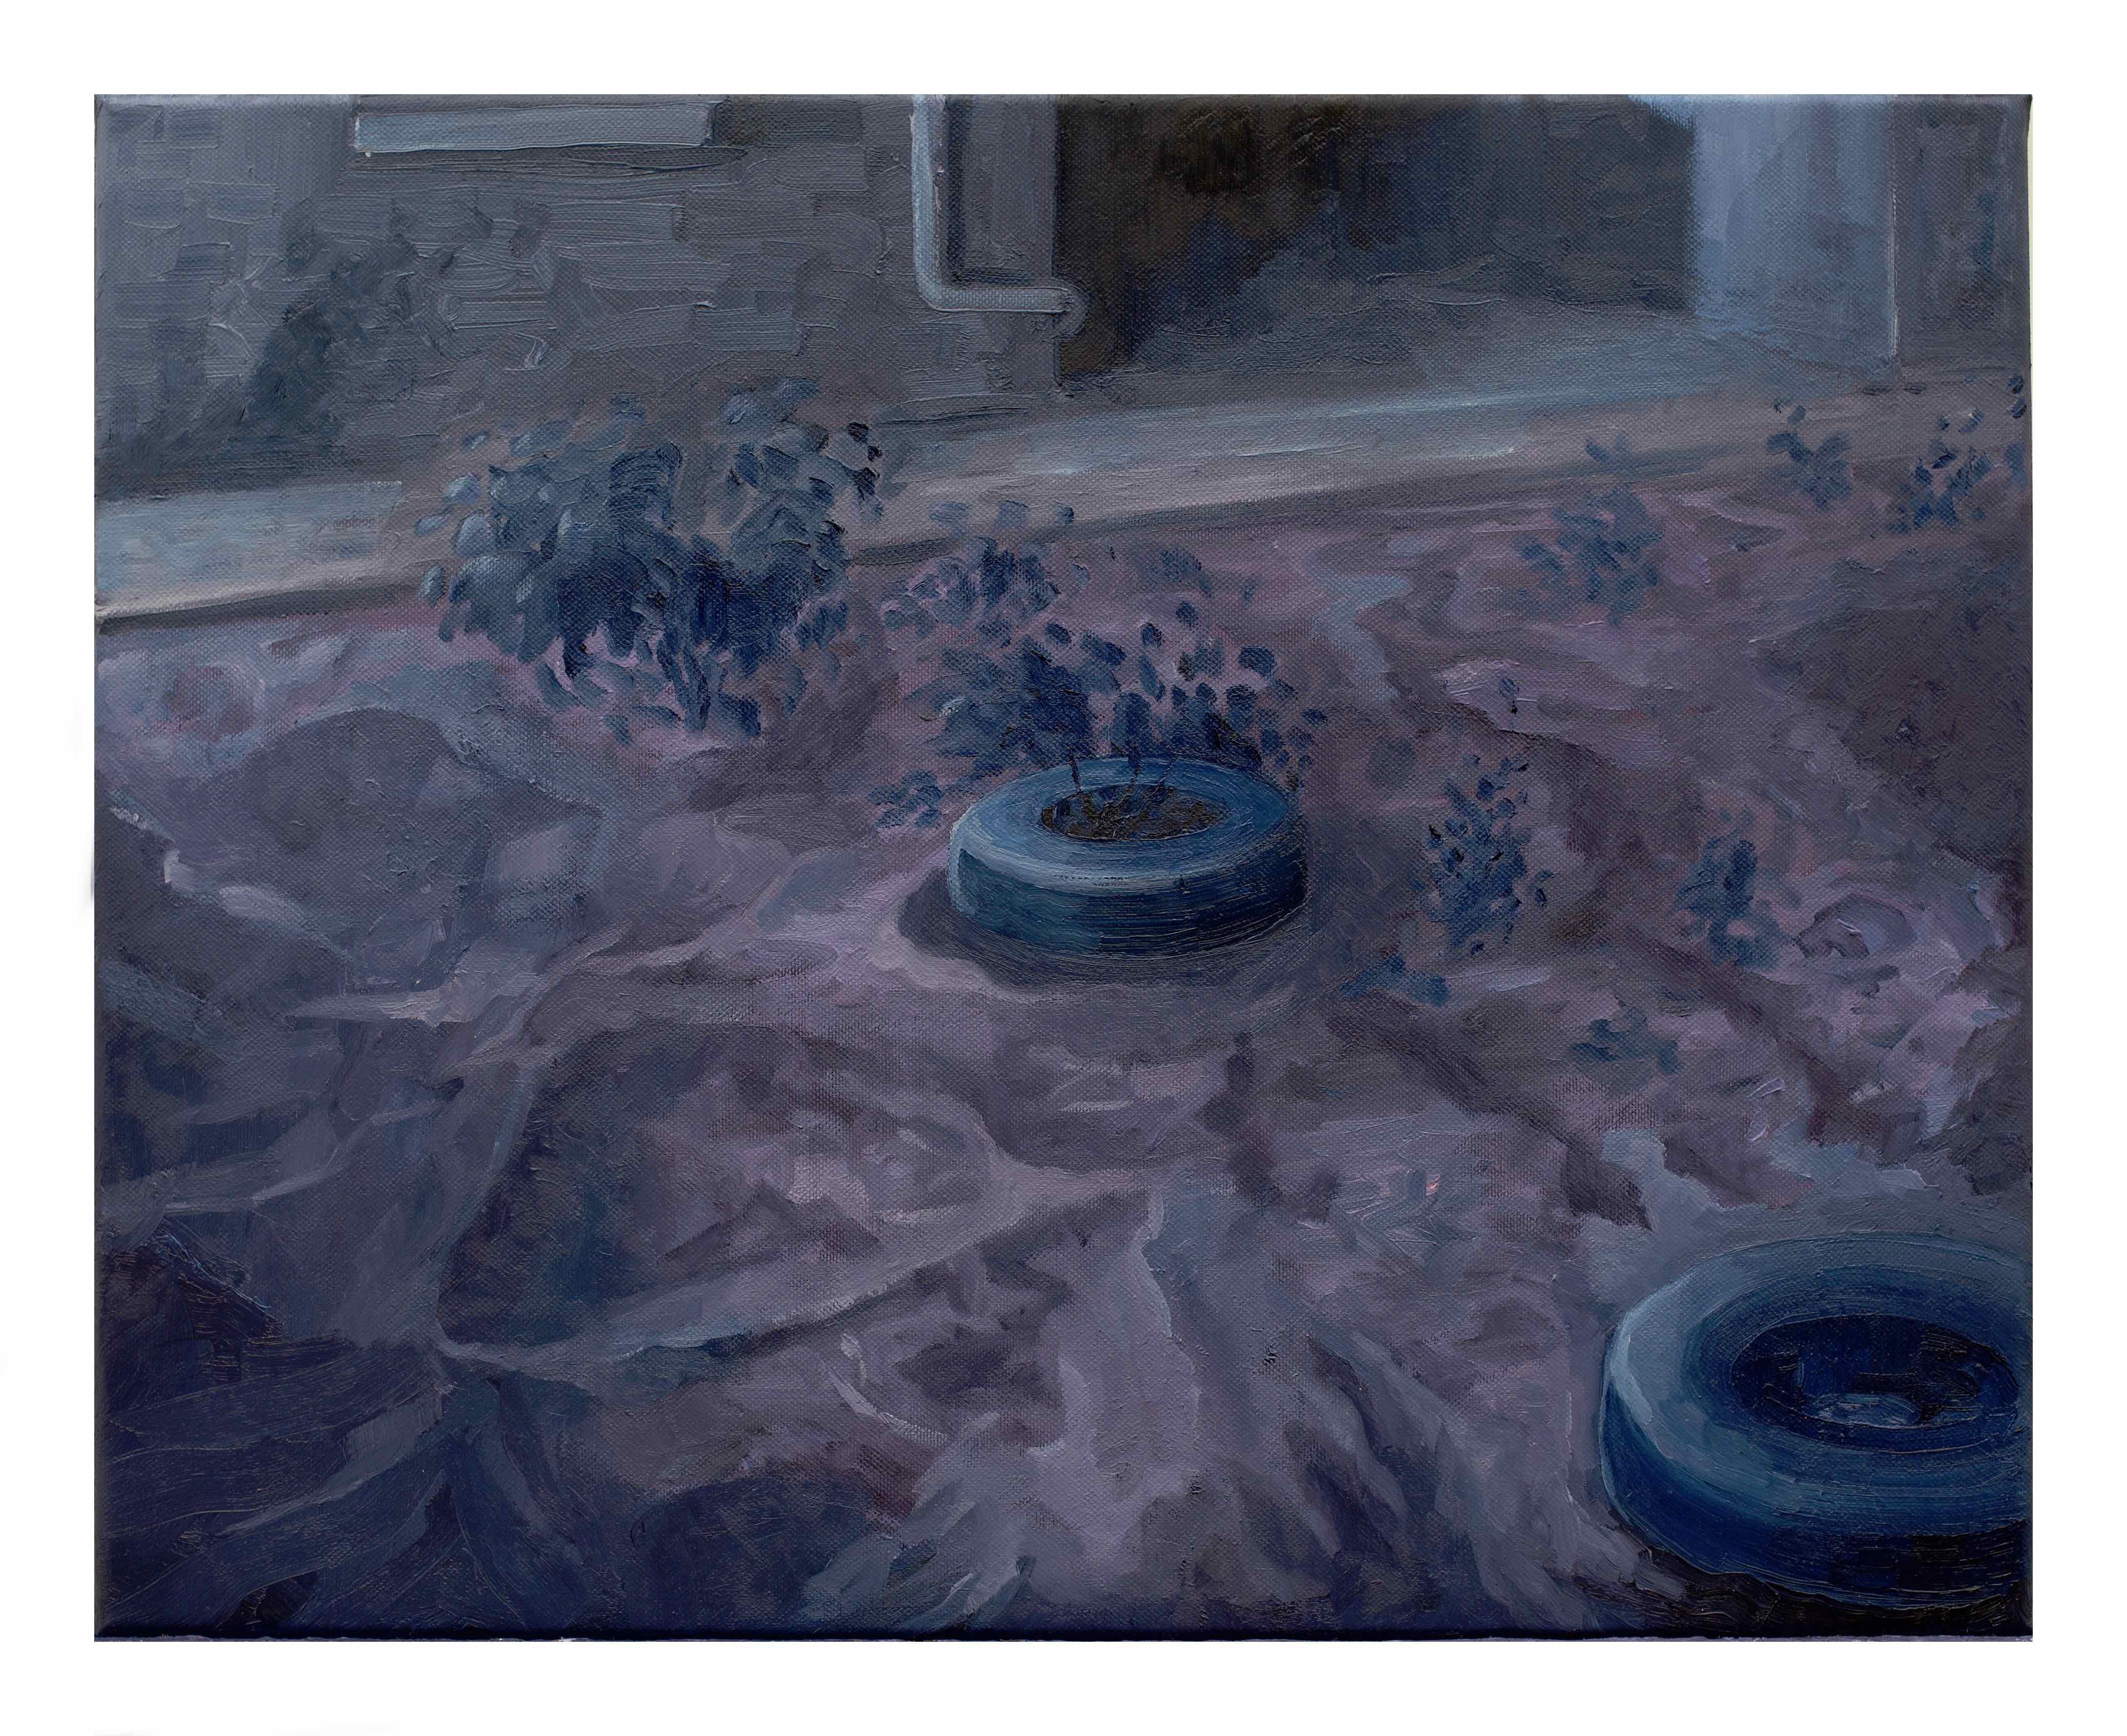 Tutto ciò che è solido si scioglie nell'aria, Filippo Cristini 2018, olio su tela, 40x50 cm